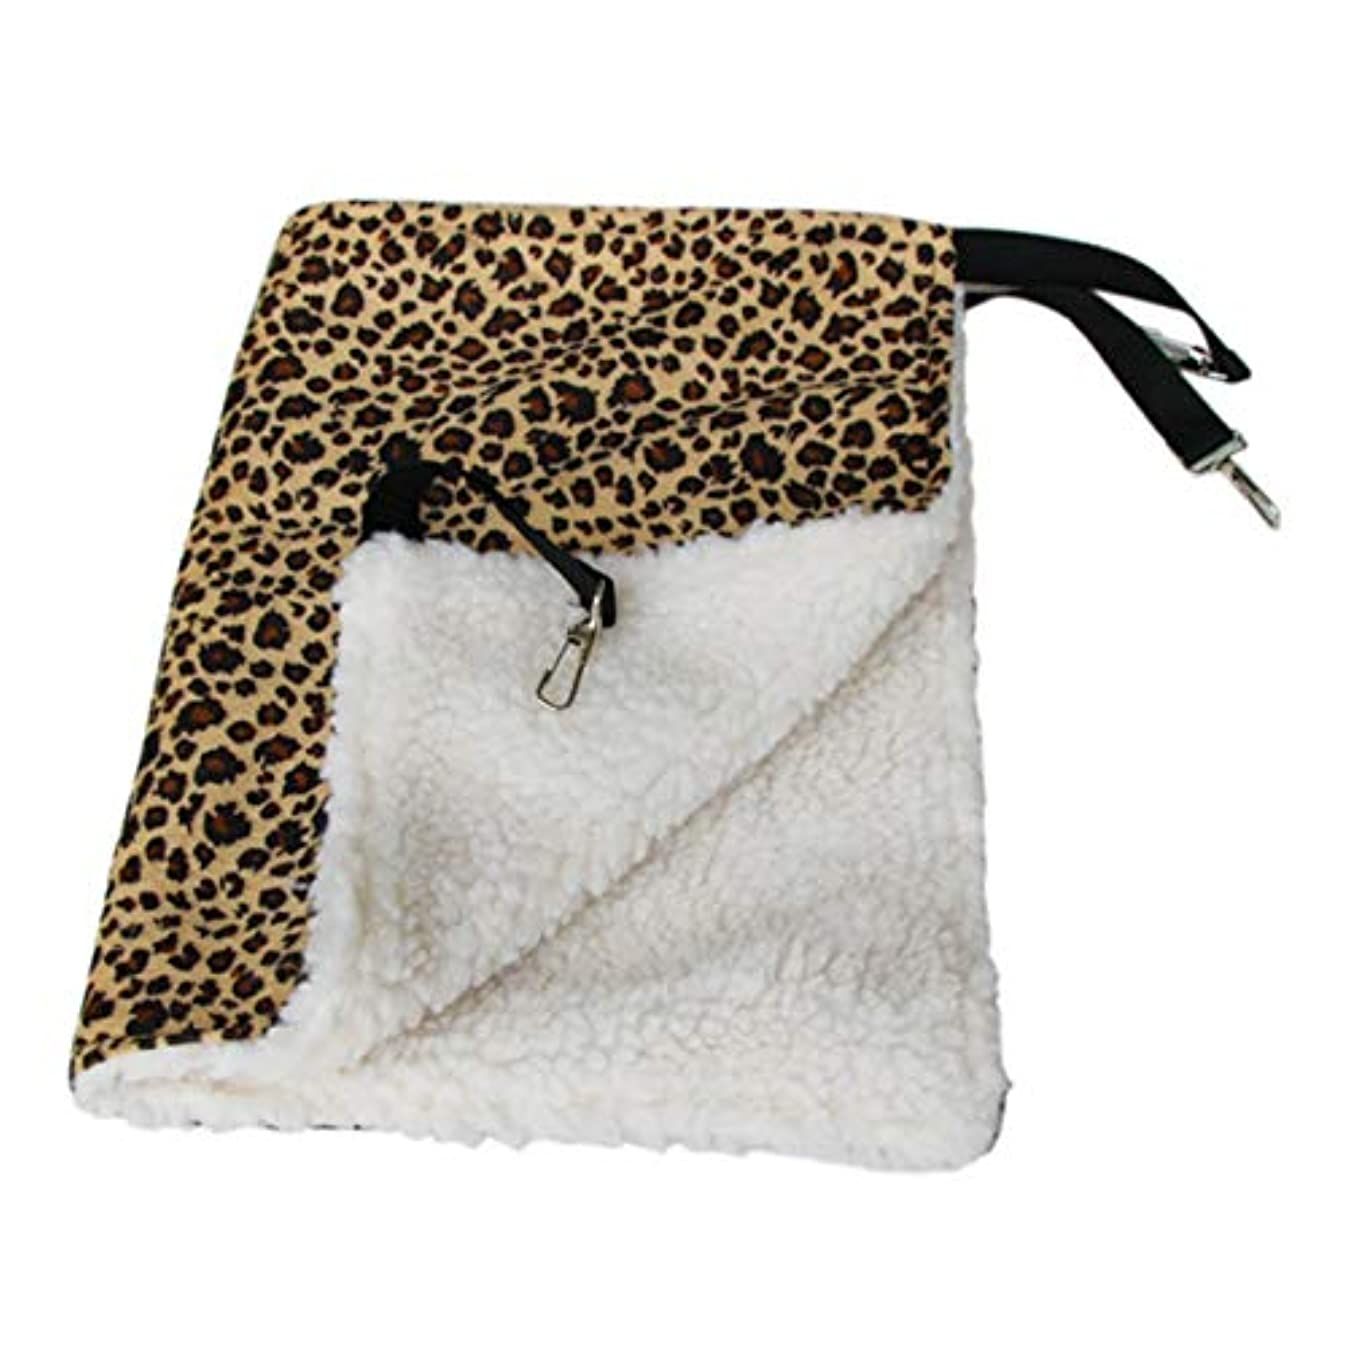 不名誉な画像守るSaikogoods 暖かいハンギング猫ベッドマットソフトキャットハンモック冬ハンモックペット子猫ケージベッドカバークッションエアベッドペット 黄 L